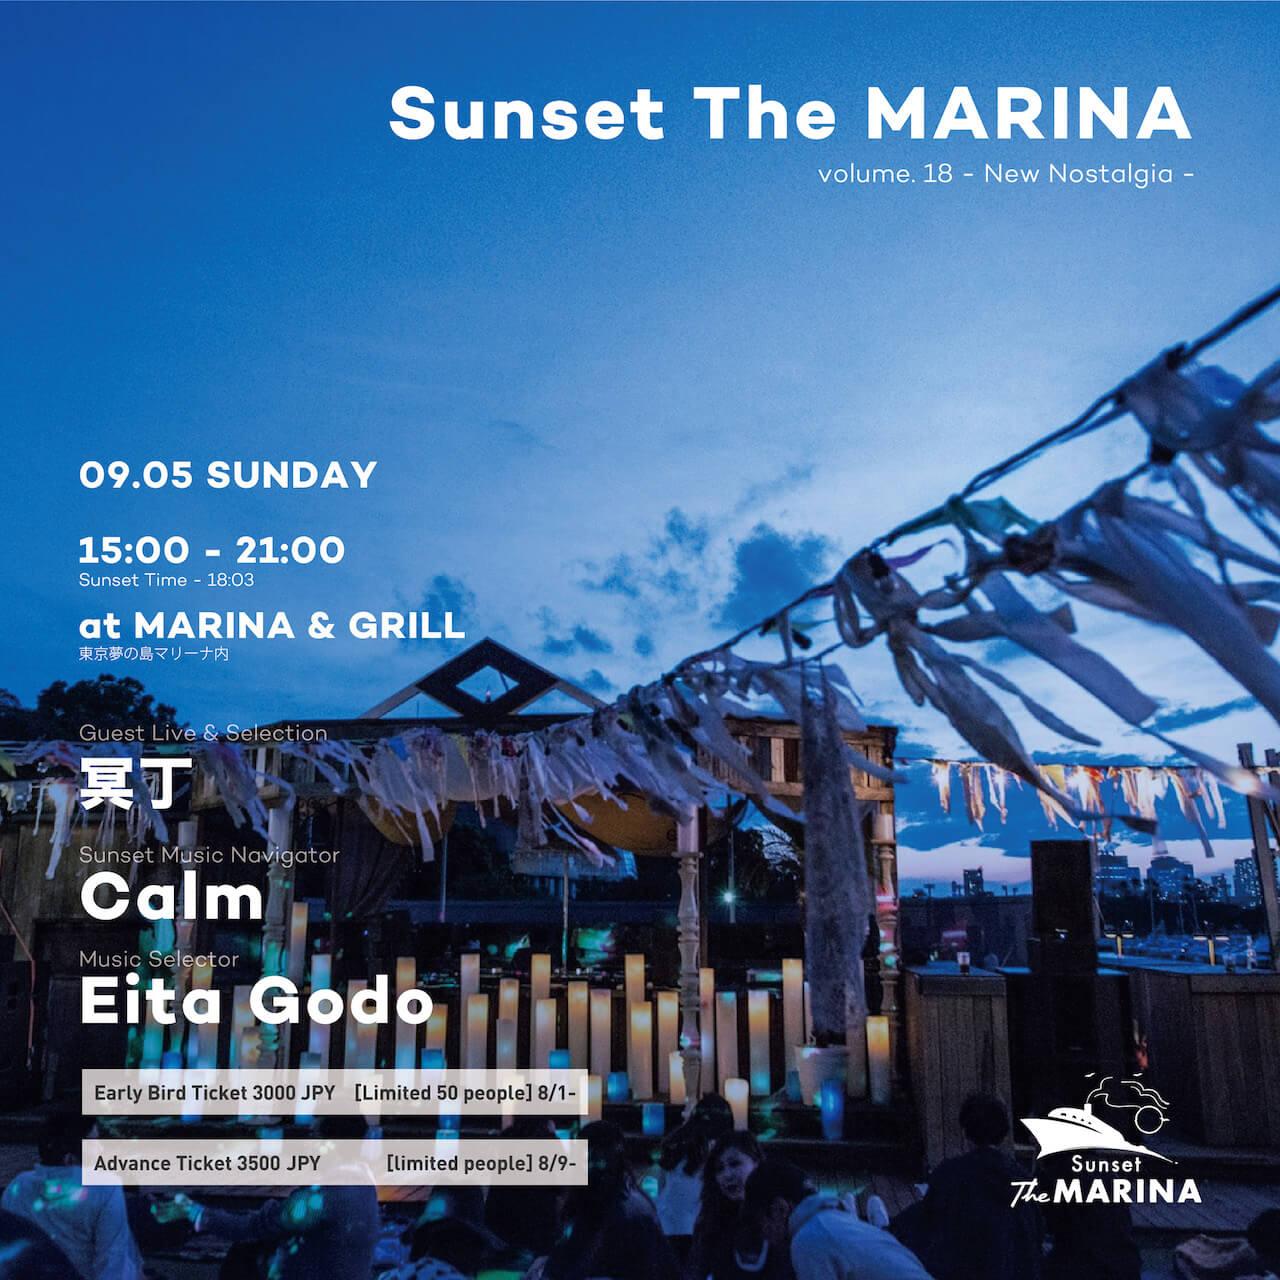 極上のサンセットパーティ<Sunset The MARINA>に冥丁らが登場 music210801-sunset-the-marina-4